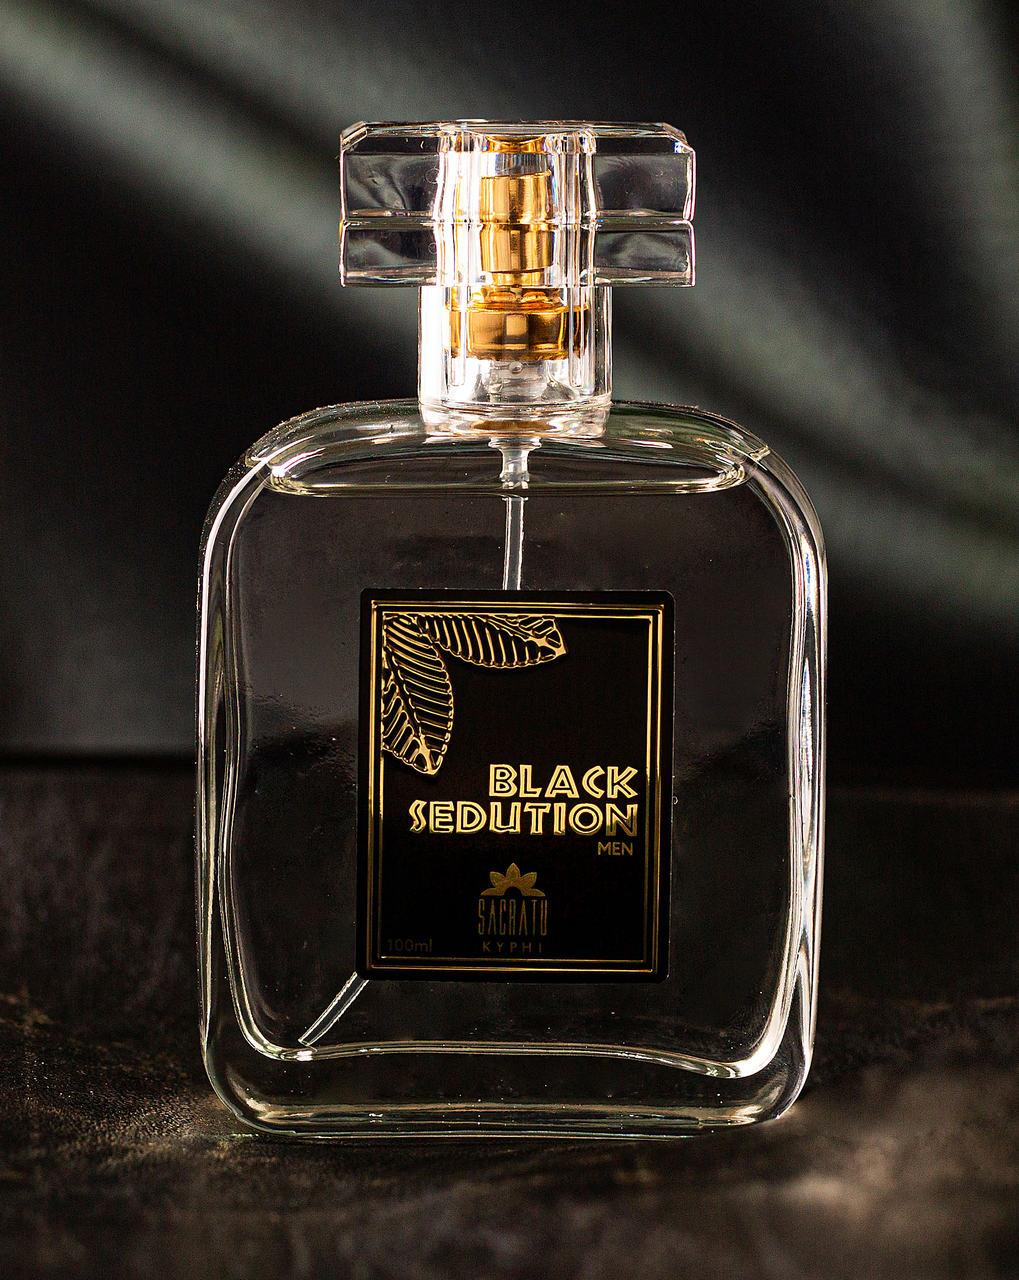 BLACK SEDUTION Inspirado em Armani Code by Giorgio Armani